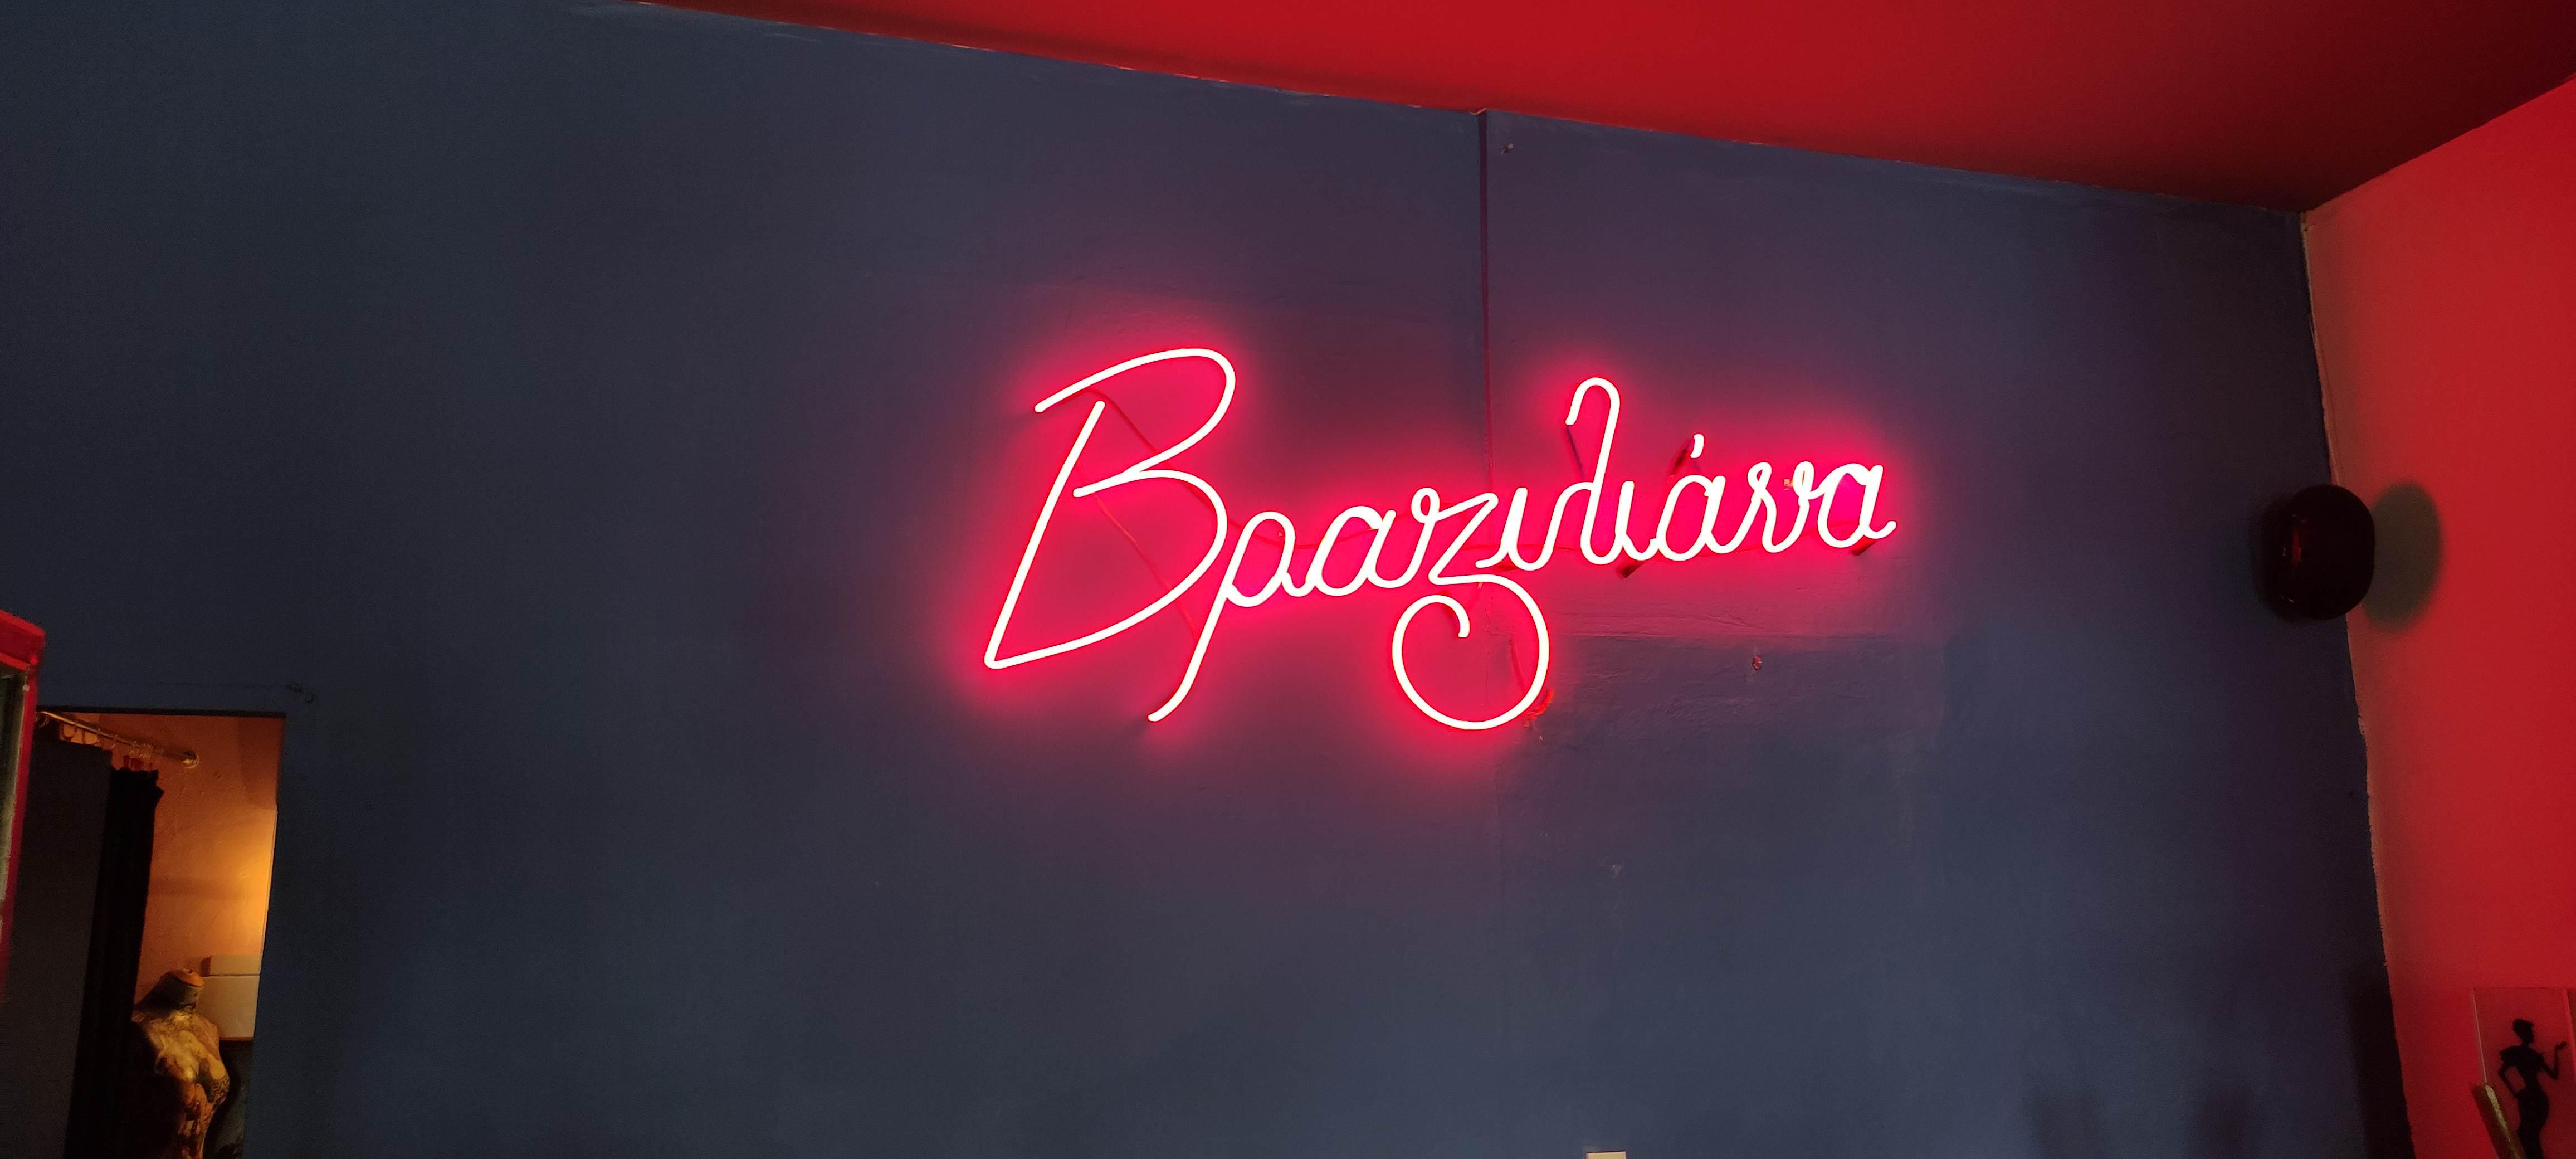 Βραζιλιάνα   Σνακ μπαρ, Αρκάδων 4, Πετράλωνα